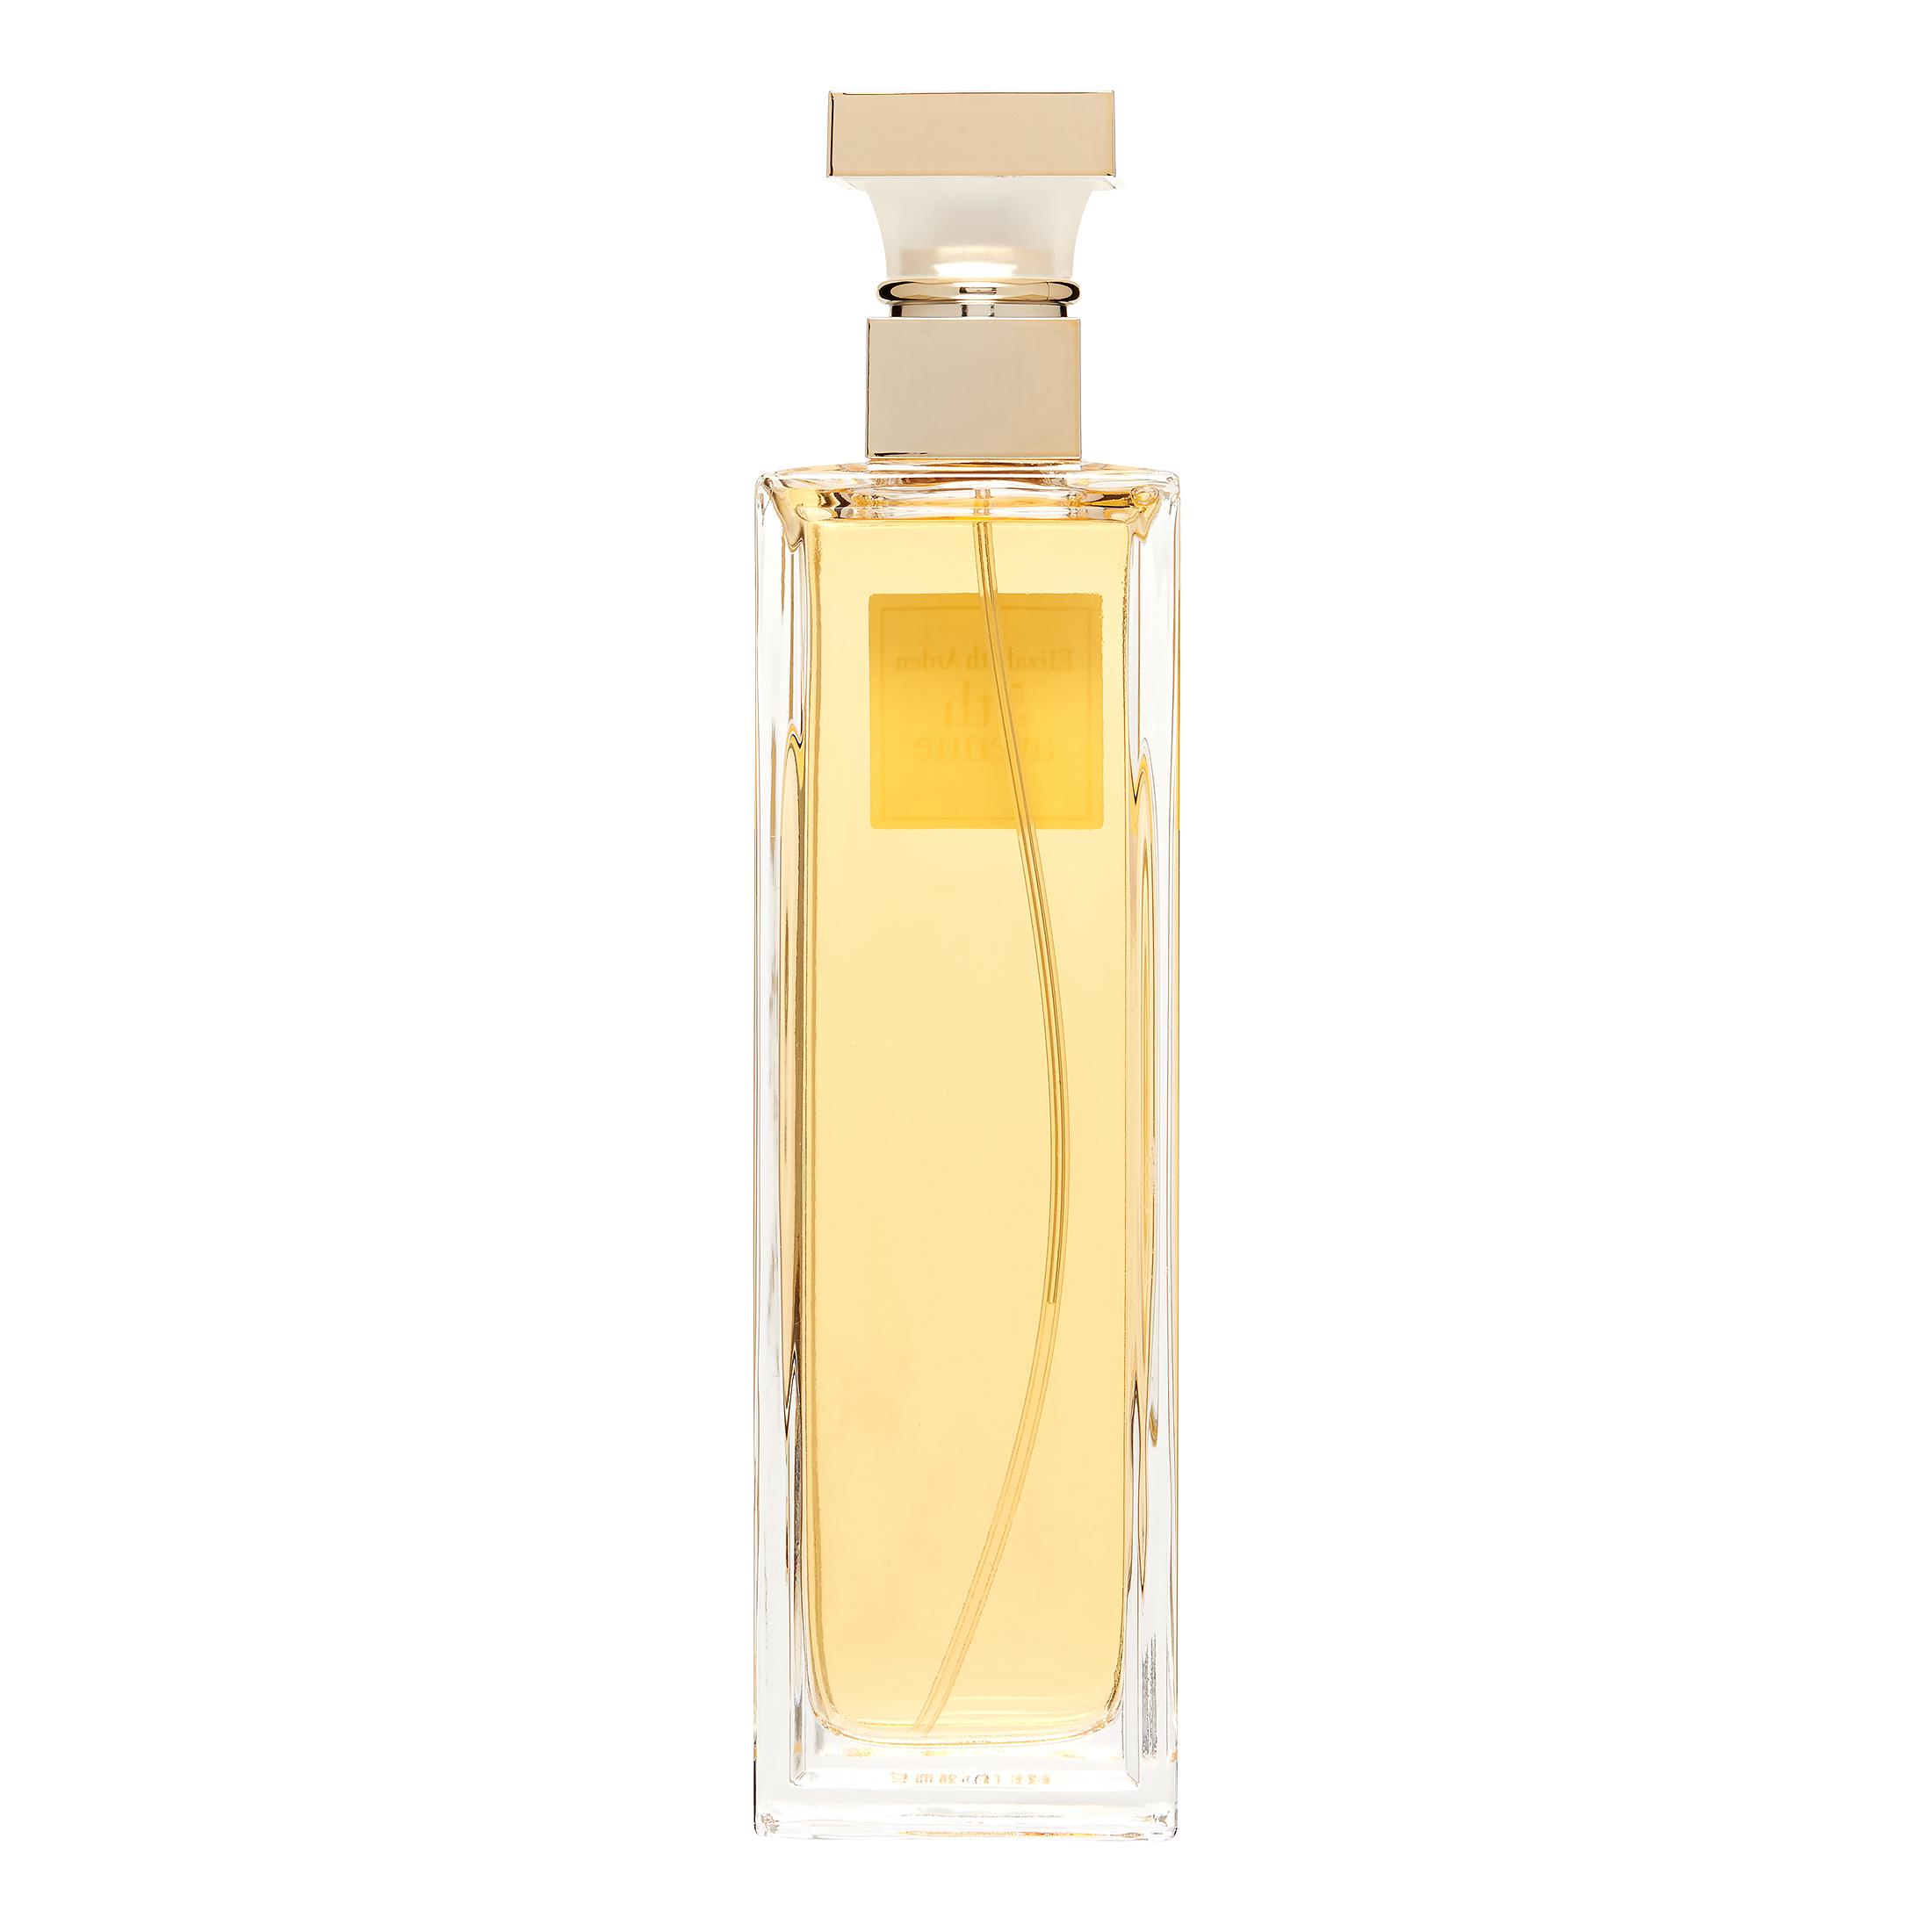 Elizabeth For Eau 5th Arden Parfum Spray De Avenue Jspmqlgzuv 4Lq5RjAc3S